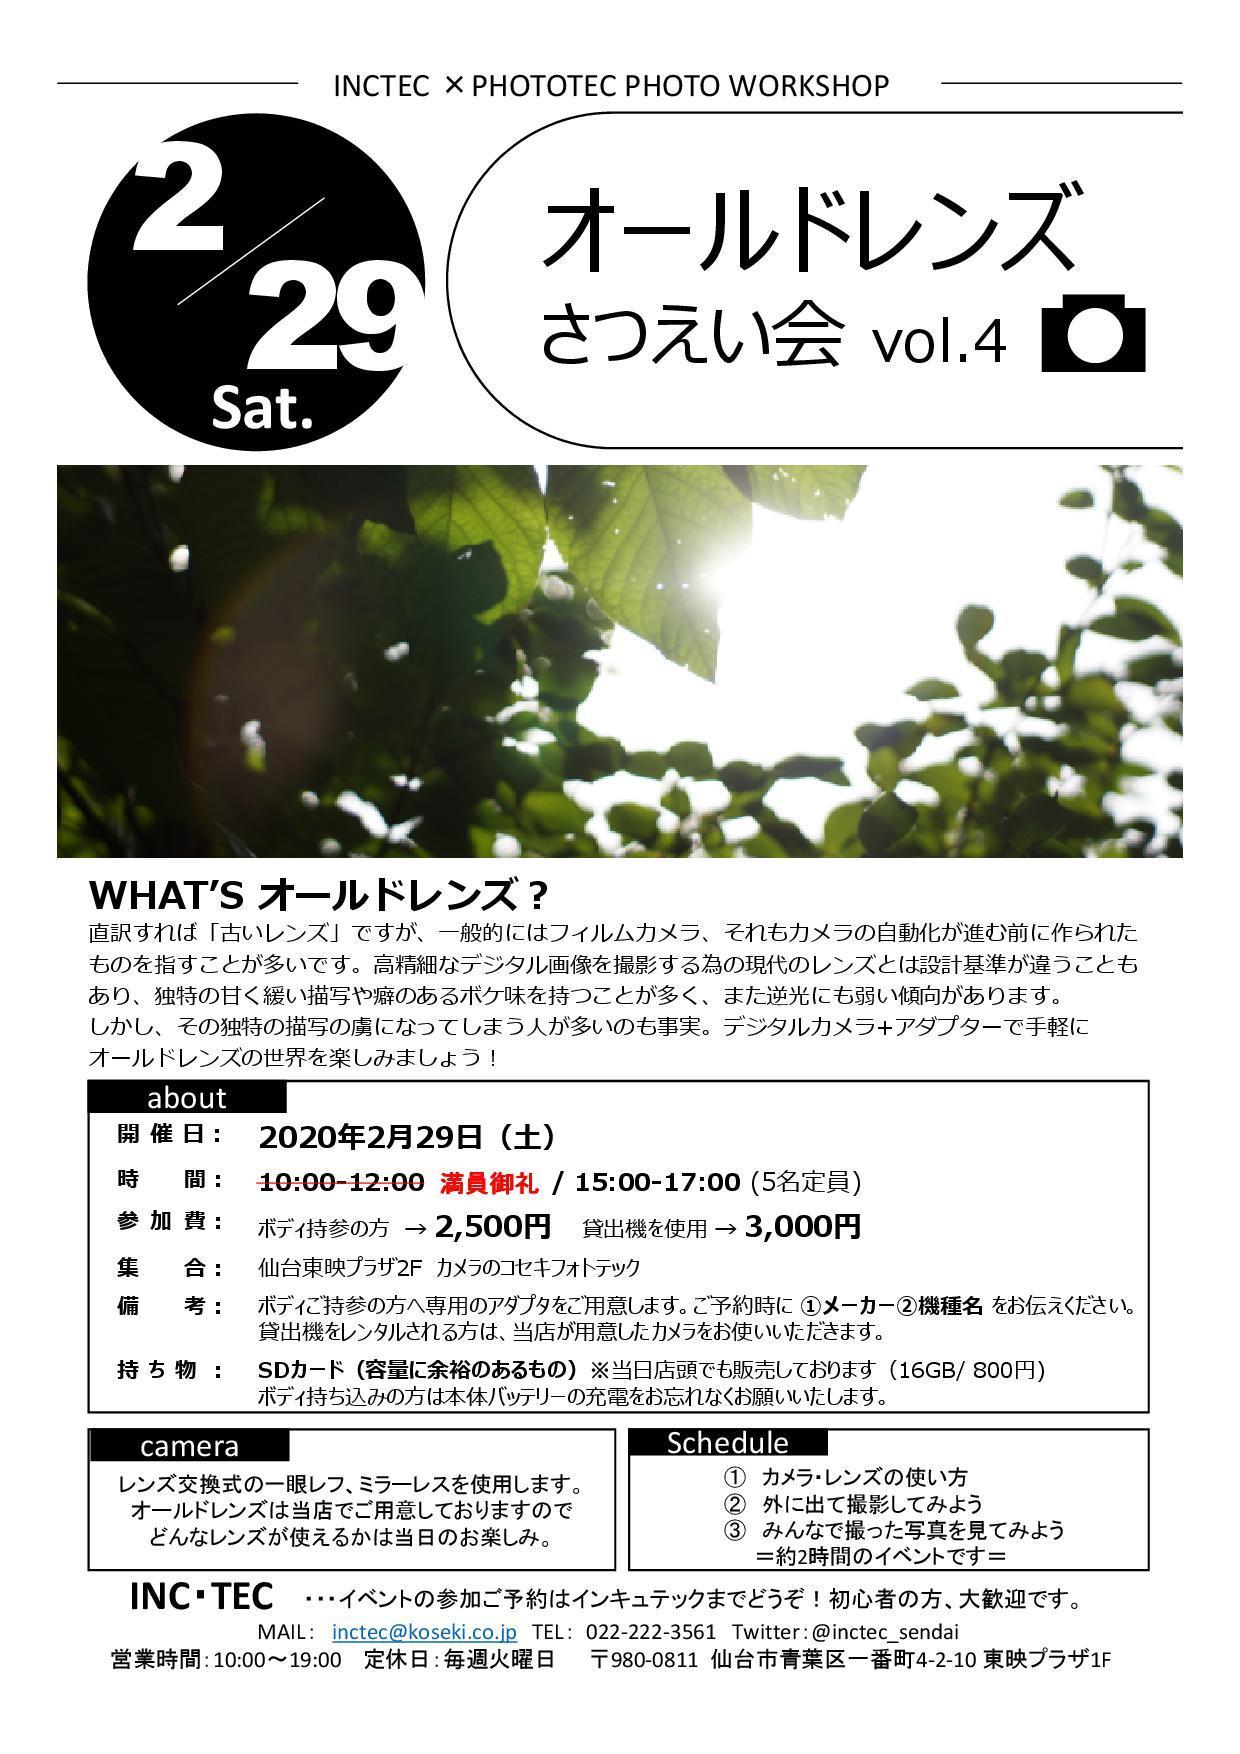 【空席状況】オールドレンズ撮影会vol.4_c0219051_11341734.jpg